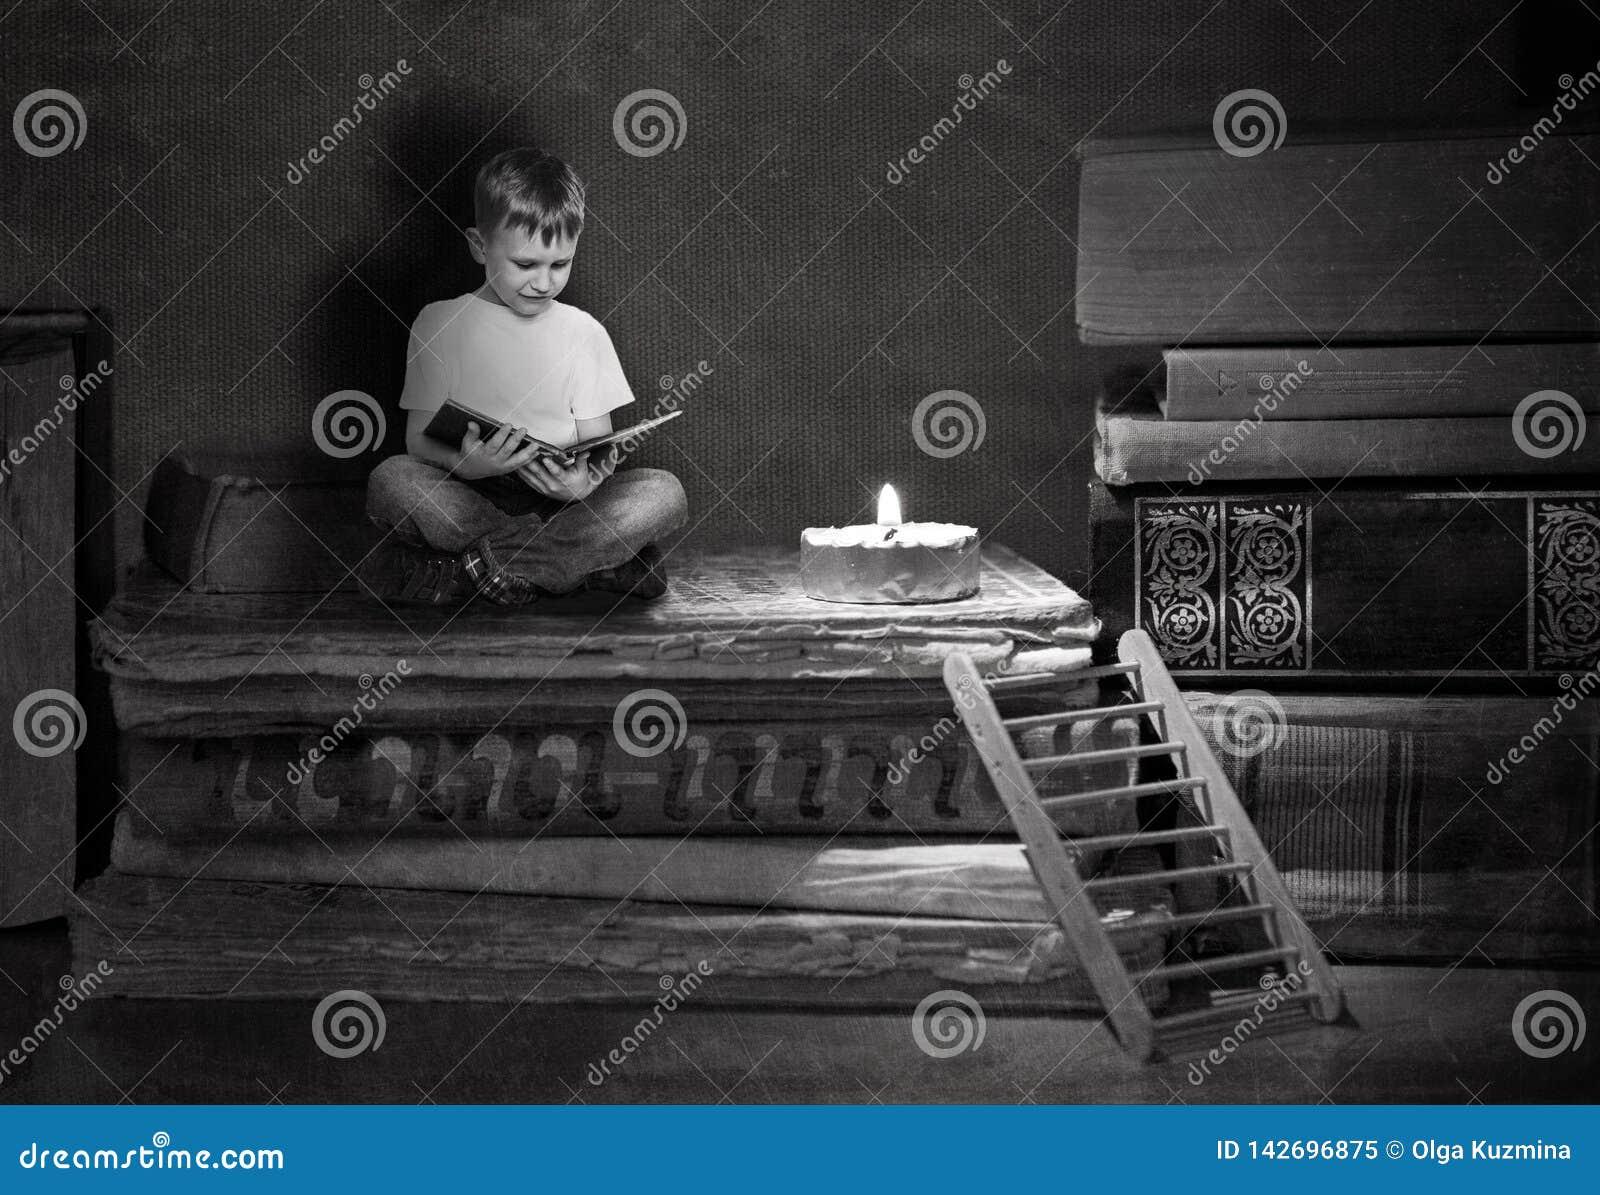 Το αγόρι κάθεται στα μεγάλα βιβλία Μια ξύλινη σκάλα οδηγεί σε έναν σωρό των βιβλίων